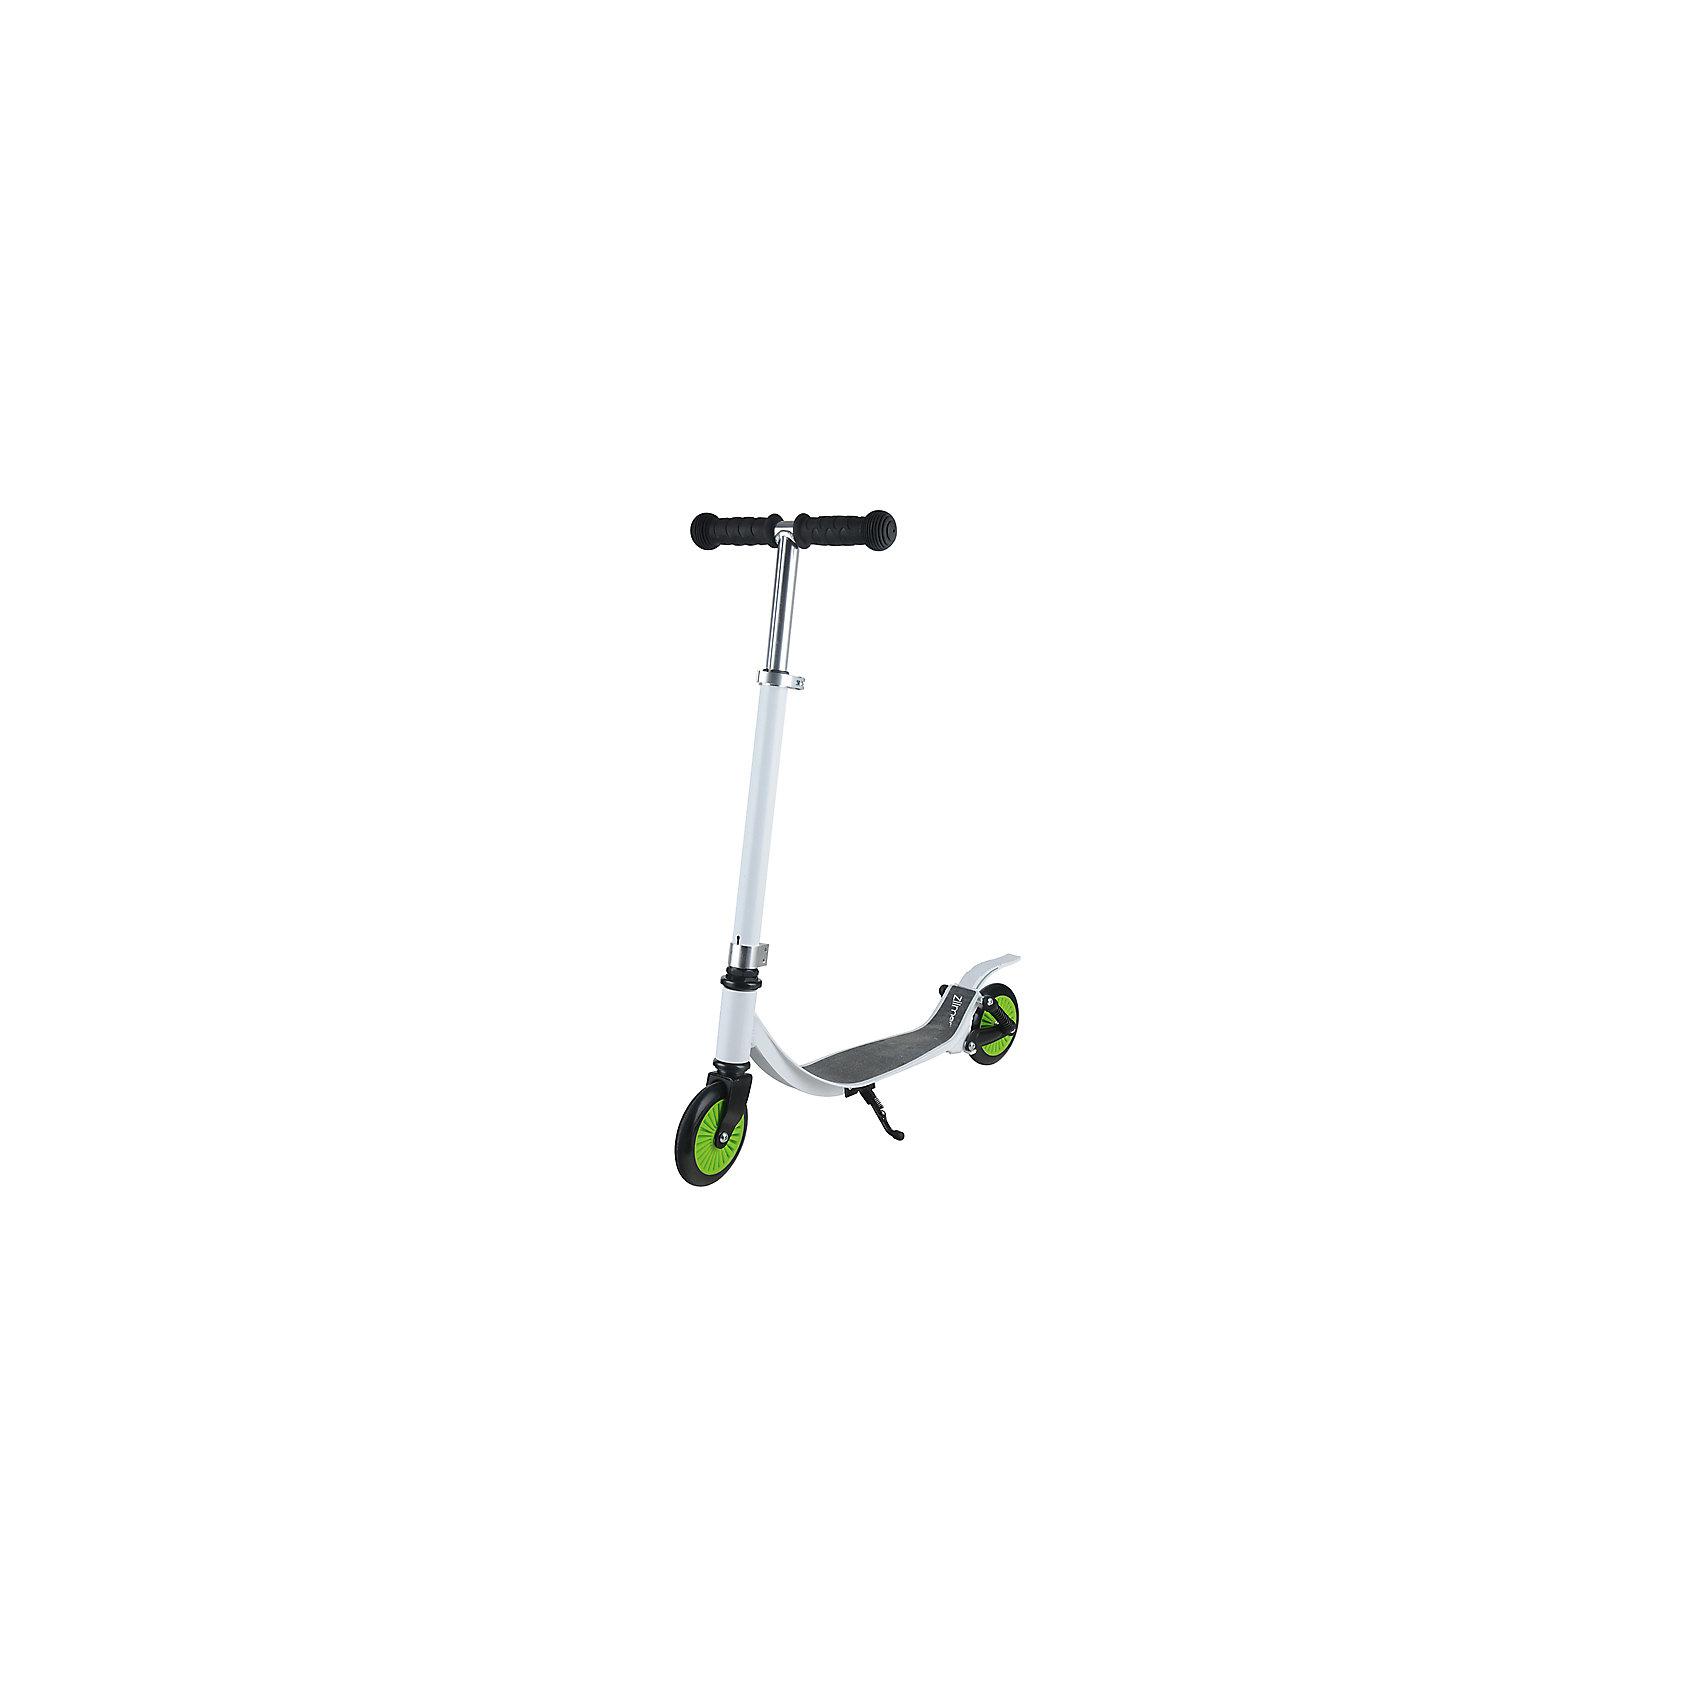 Самокат ZL-76, бело-зелёный,  ZilmerСамокаты<br>Характеристики товара:<br><br>• возраст от 6 лет;<br>• материал: алюминий;<br>• в комплекте: самокат, шестигранные ключи, инструкция;<br>• максимальная нагрузка до 50 кг;<br>• регулировка руля;<br>• наличие поджножки<br>• 2 задних амортизатора;<br>• материал колес: полиуретан;<br>• диаметр колес 12 см;<br>• размер самоката 76х66,5х27,5 см;<br>• вес самоката 2 кг;<br>• размер упаковки 66х35х11 см;<br>• вес упаковки 3,15 кг;<br>• страна производитель: Китай.<br><br>Самокат Zilmer ZL-76 бело-зеленый понравится любителям активных летних прогулок. Самокат выполнен из прочного облегченного алюминия, выдерживающего большие нагрузки. Дека покрыта нескользящим покрытием, которое препятствует соскальзывание во время катания. Руль можно отрегулировать под рост ребенка. <br><br>Ручки руля имеют противоскользящие накладки. Самокат оснащен 2 задними амортизаторами, которые делают катание плавным и ровным даже по бездорожью. Подножка позволяет поставить самокат в вертикальном положении на время остановки.<br><br>Самокат Zilmer ZL-76 бело-зеленый можно приобрести в нашем интернет-магазине.<br><br>Ширина мм: 660<br>Глубина мм: 110<br>Высота мм: 350<br>Вес г: 3150<br>Возраст от месяцев: 60<br>Возраст до месяцев: 2147483647<br>Пол: Унисекс<br>Возраст: Детский<br>SKU: 5610987